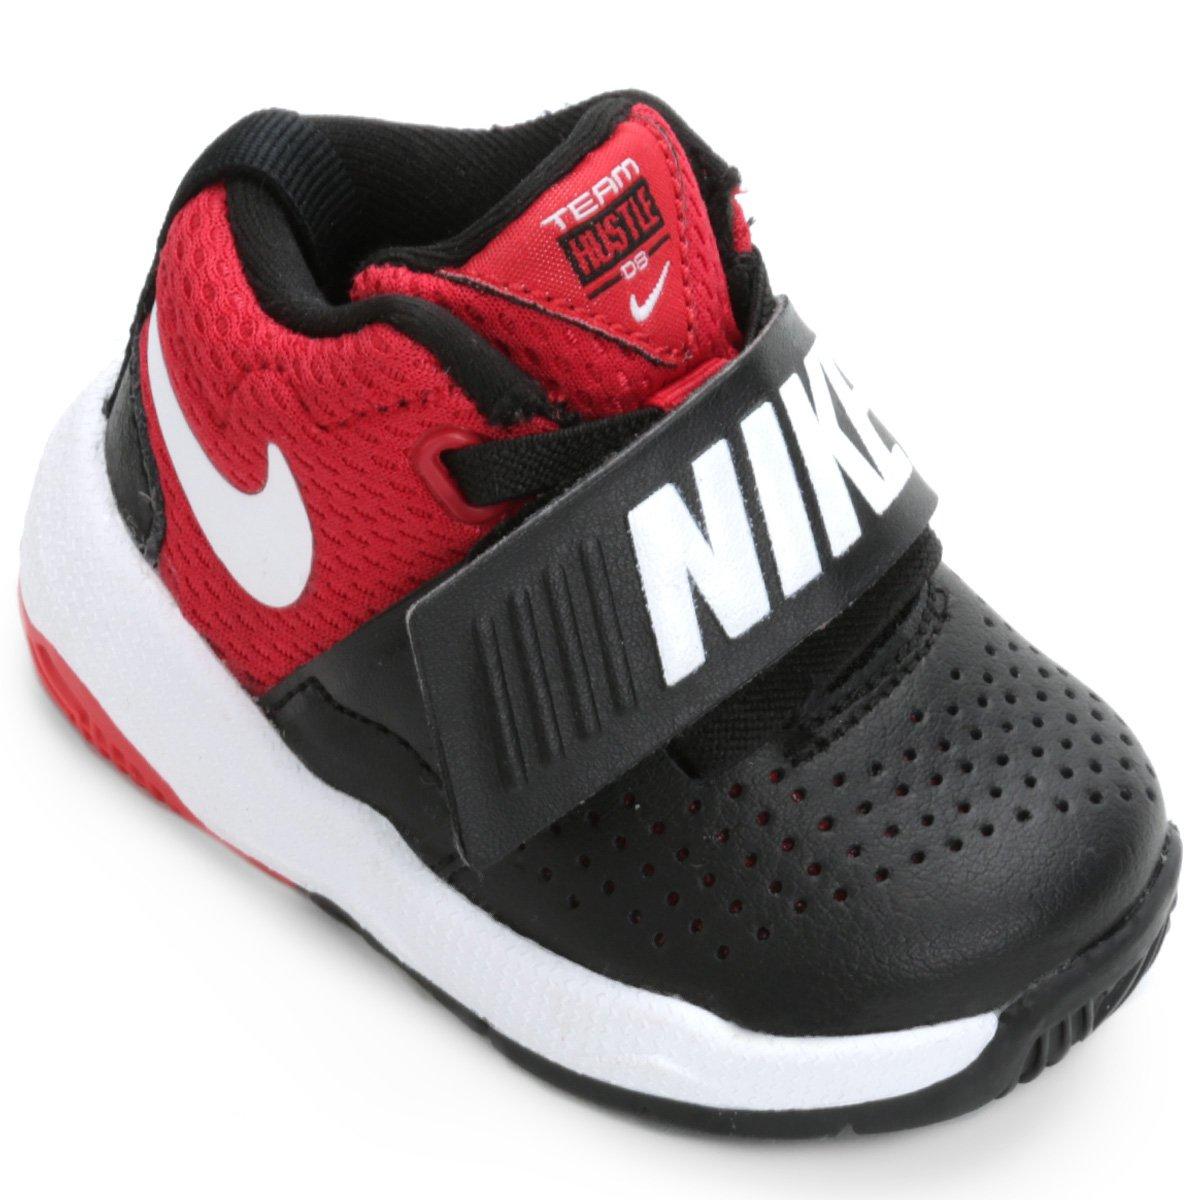 2cfba972a42 Tênis Infantil Couro Nike Team Hustle D Masculino - Preto e Vermelho -  Compre Agora